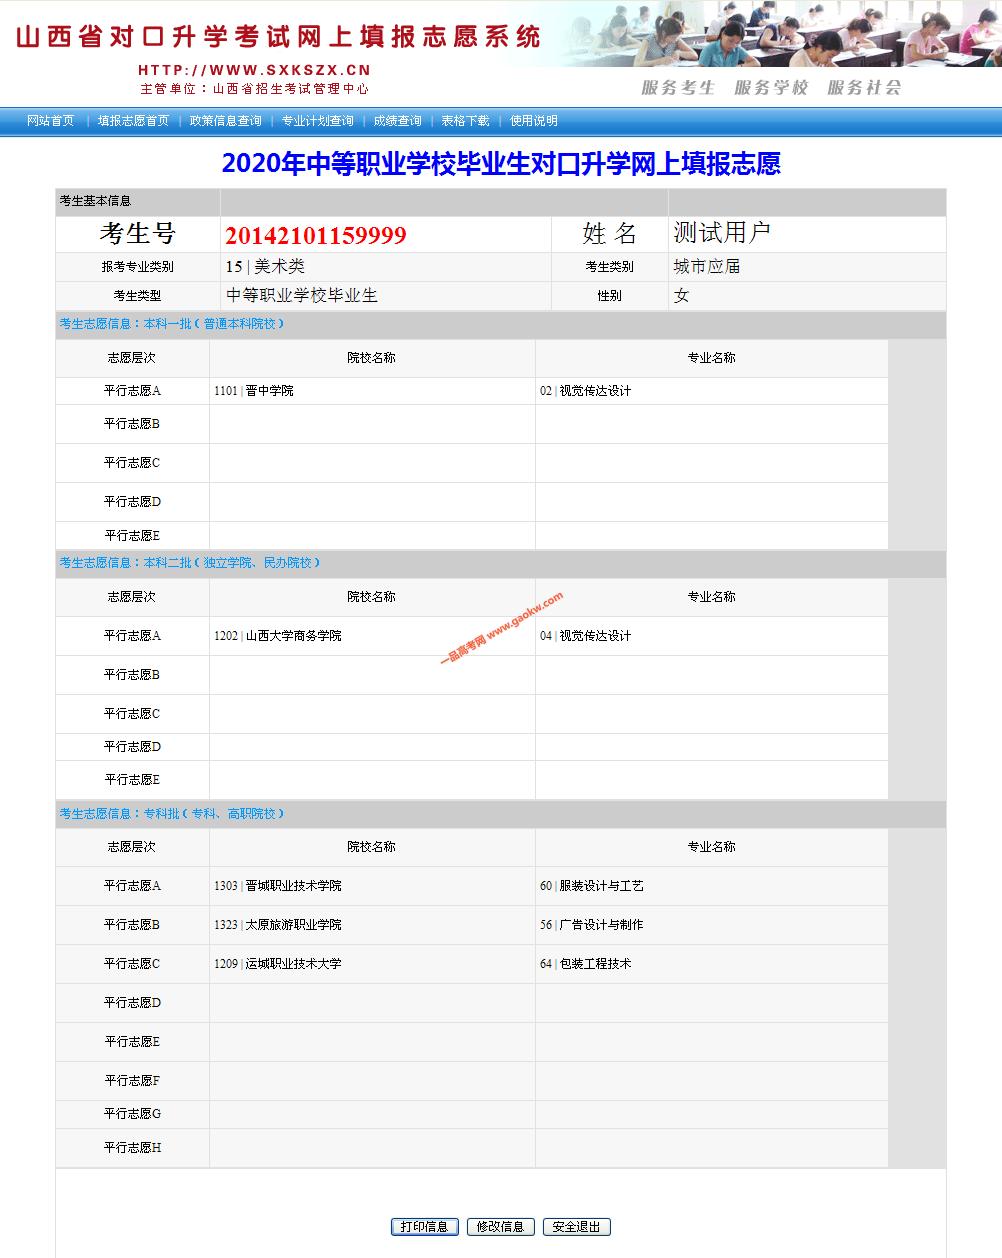 山西省2020对口升学考试网上填报志愿系统使用说明4